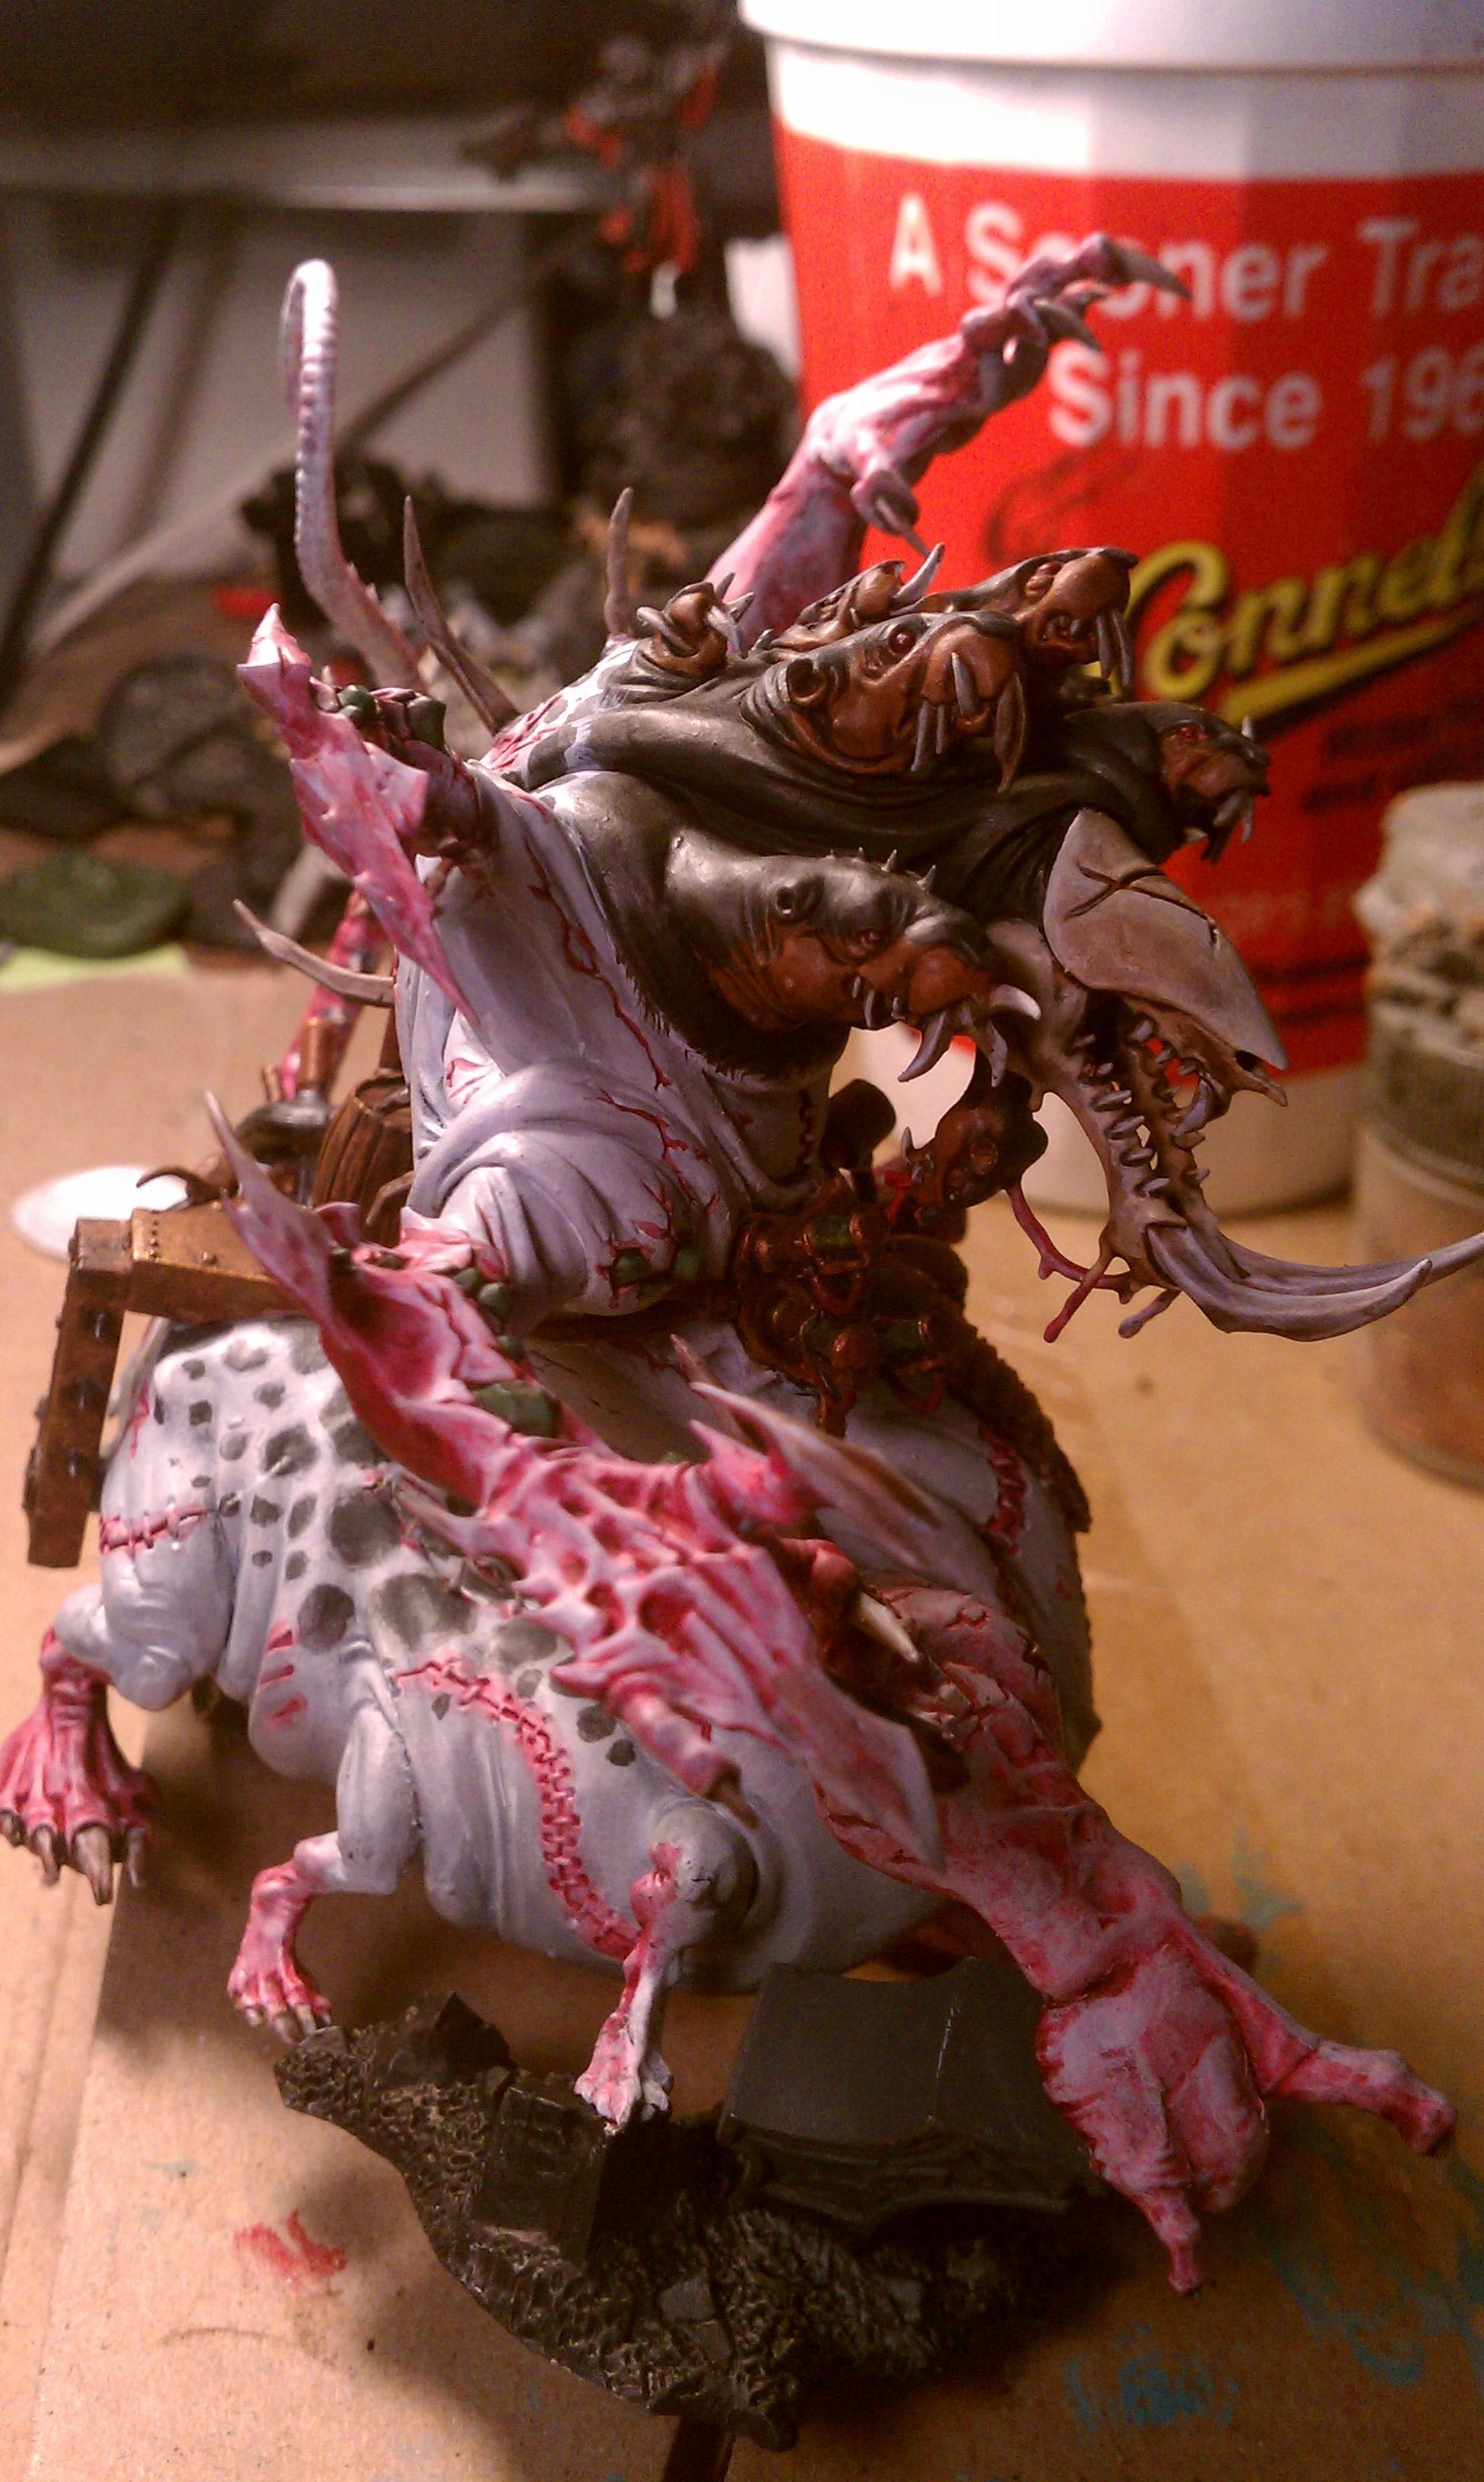 Abomination, Skaven, Skaven off his base